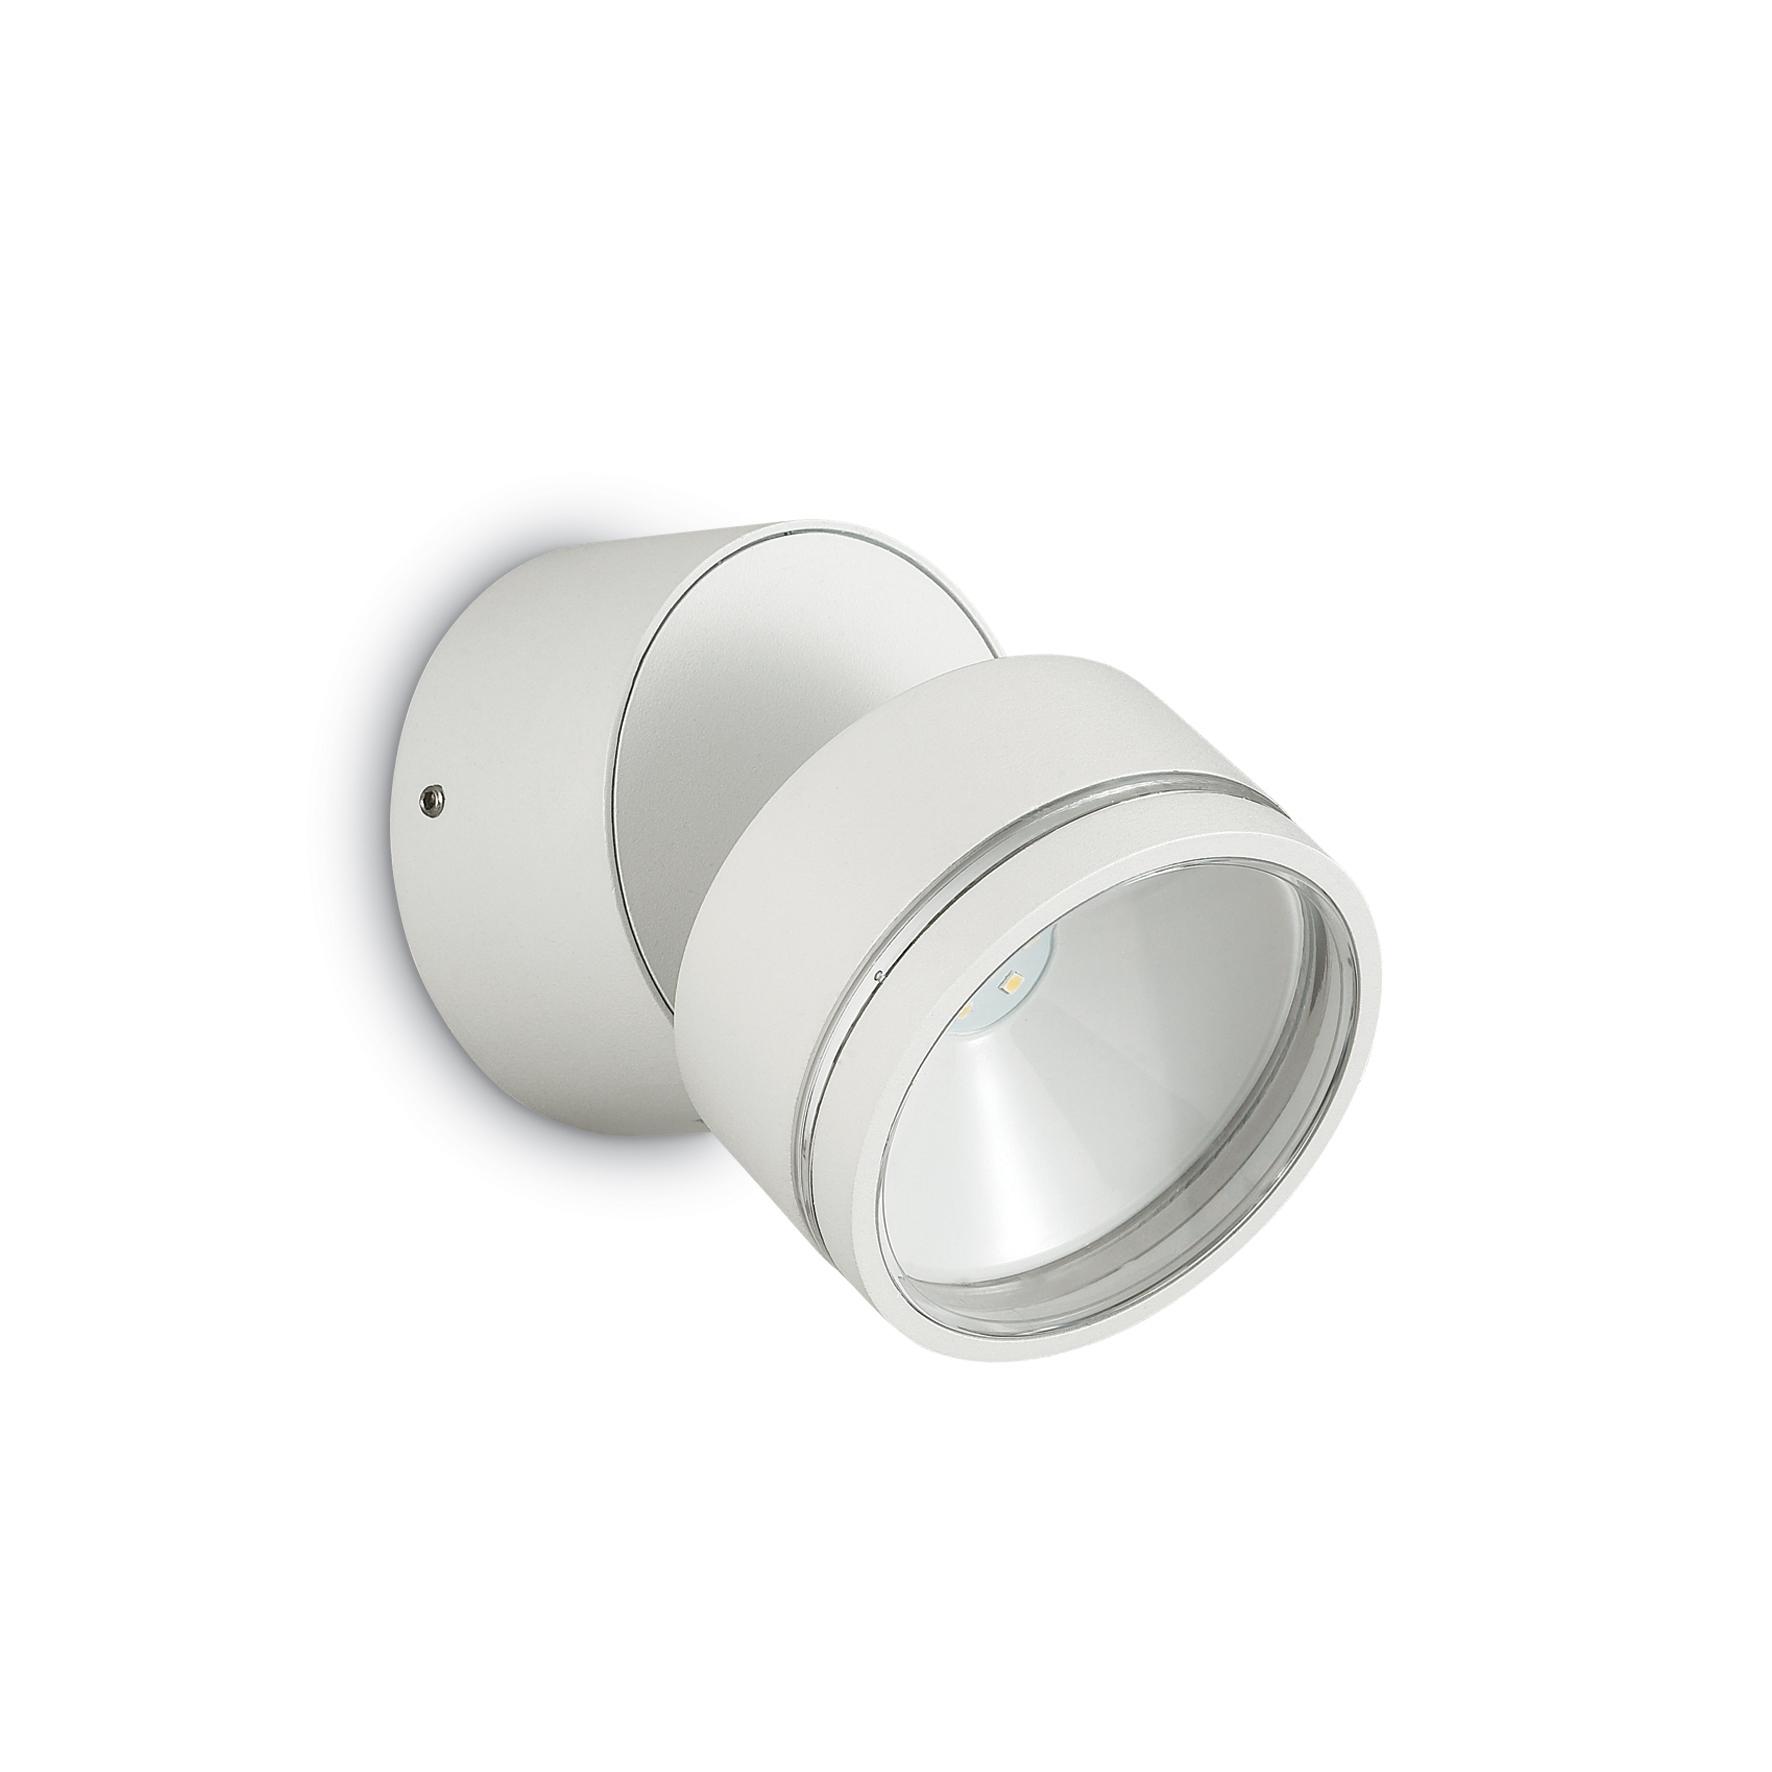 Aplica Omega Round AP1 White